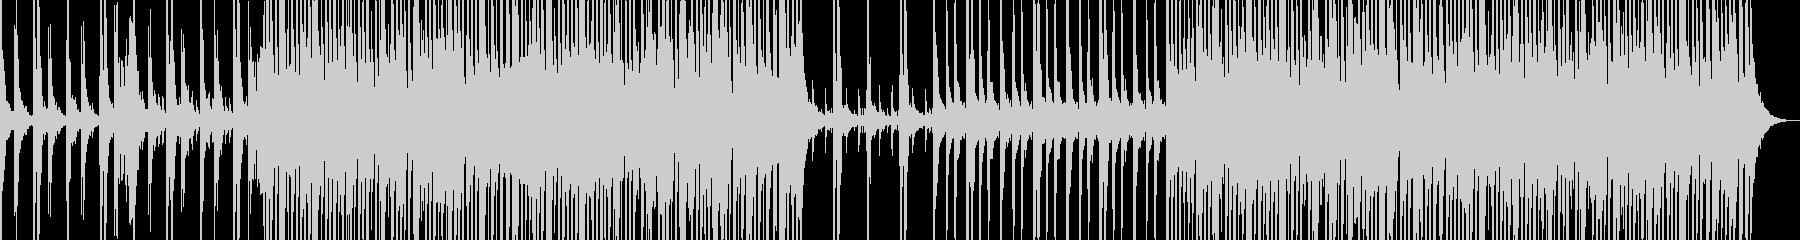 生三味線と和太鼓 和風を伝える 純和風の未再生の波形